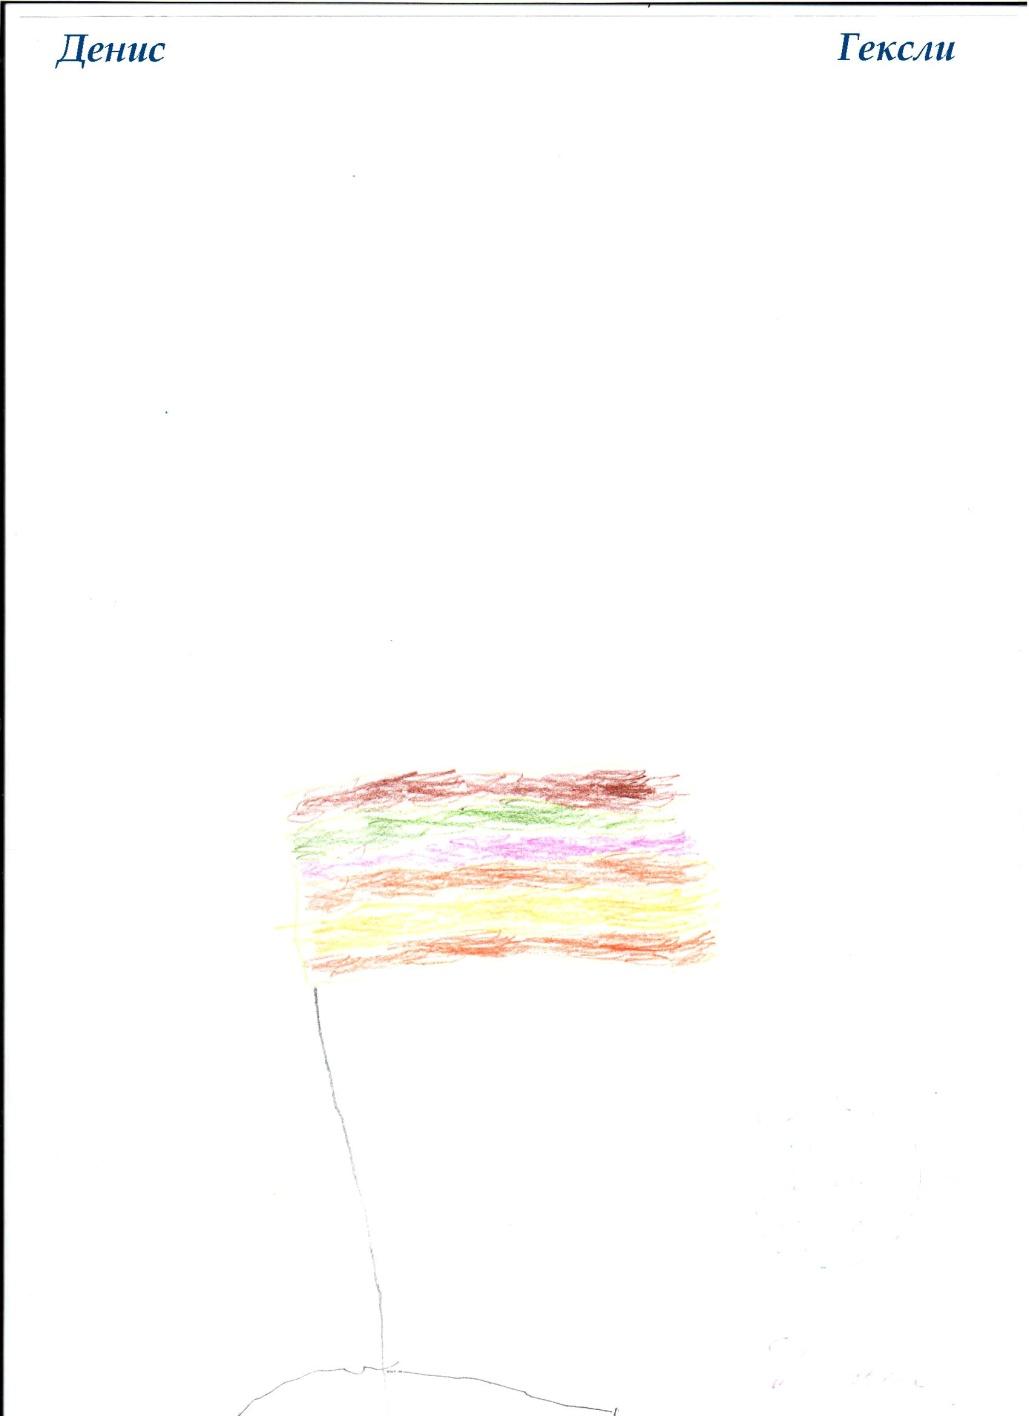 НИИ Соционики. Диагностика детей дошкольного возраста. Рисунок ИЭЭ, 6 лет